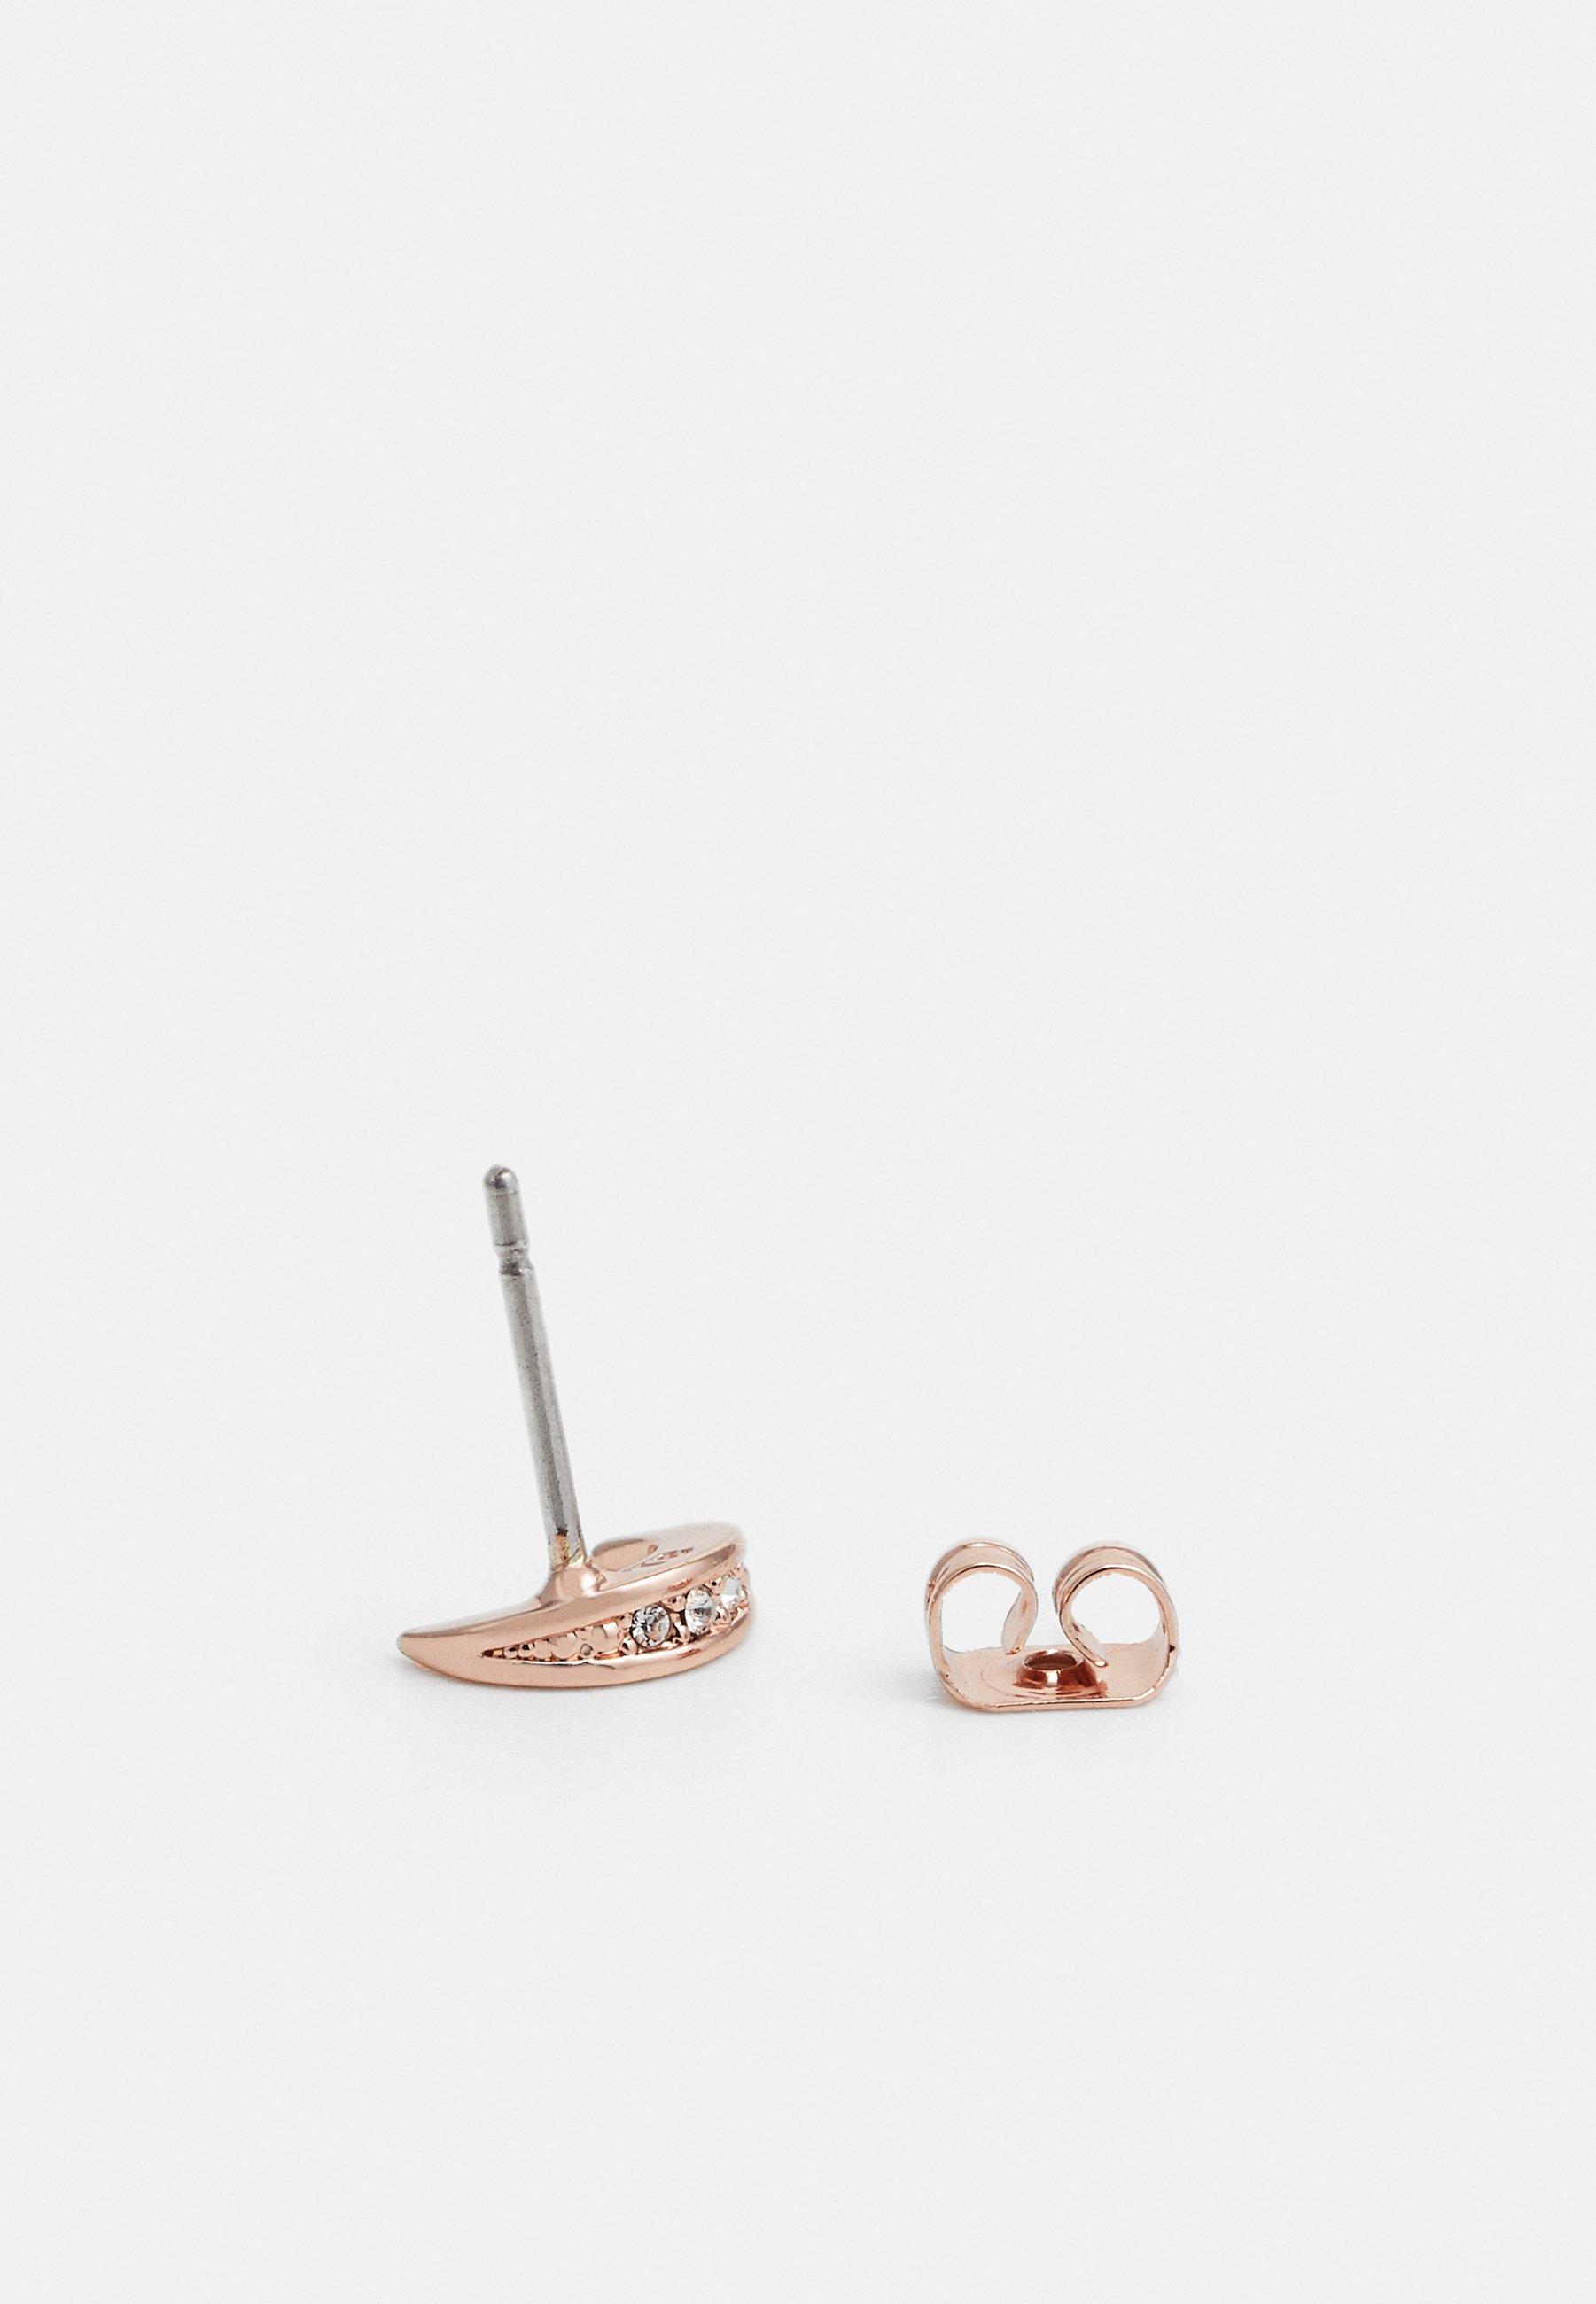 Ted Baker Marlyy Crescent Moon Stud Earring - Ohrringe Rose Gold-coloured/crystal/roségoldfarben